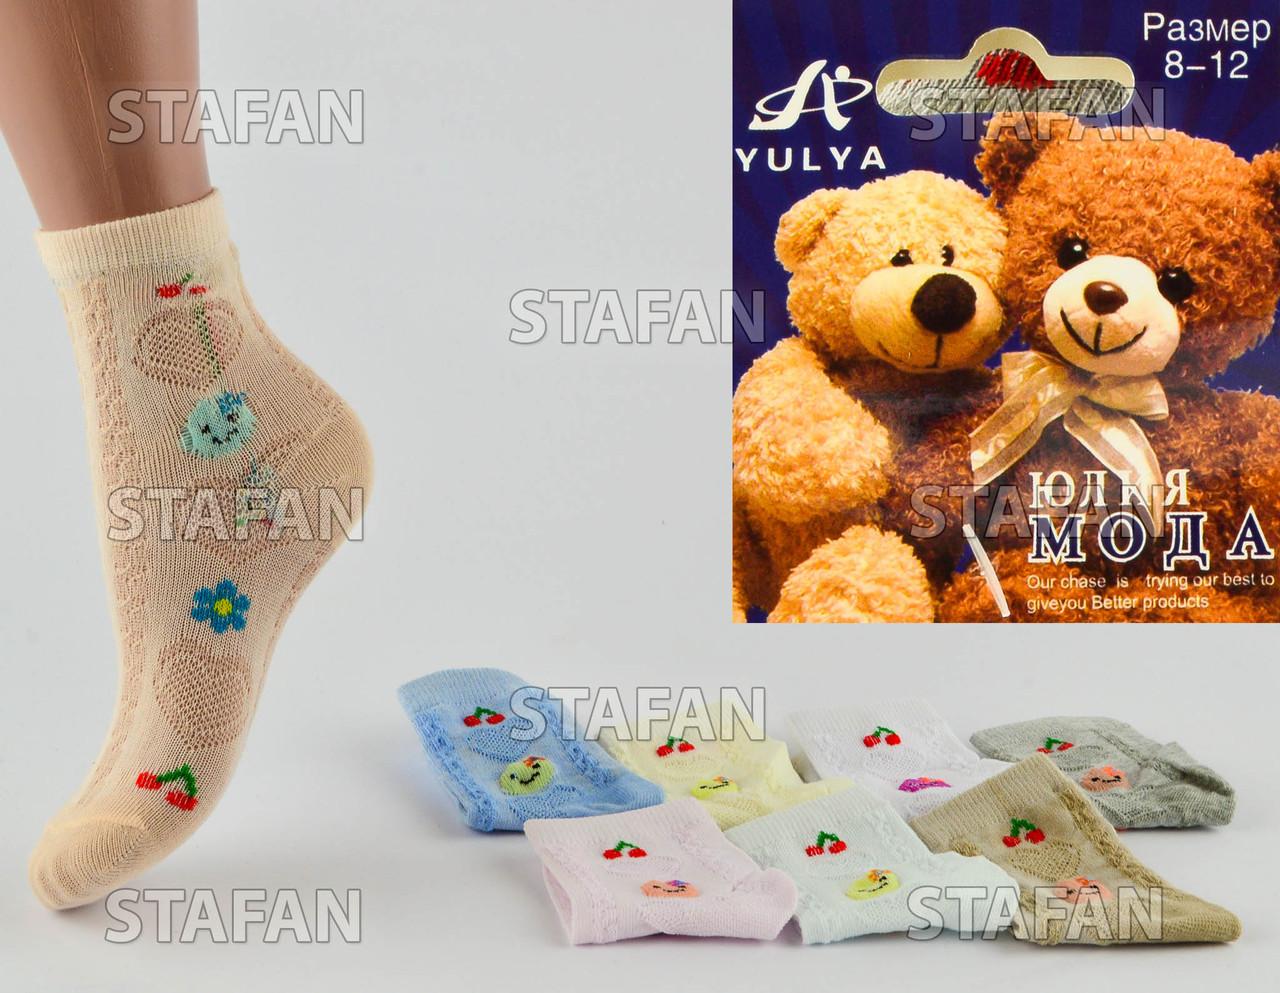 Детские носочки сеточка Yulya 133 8-12. В упаковке 12 пар